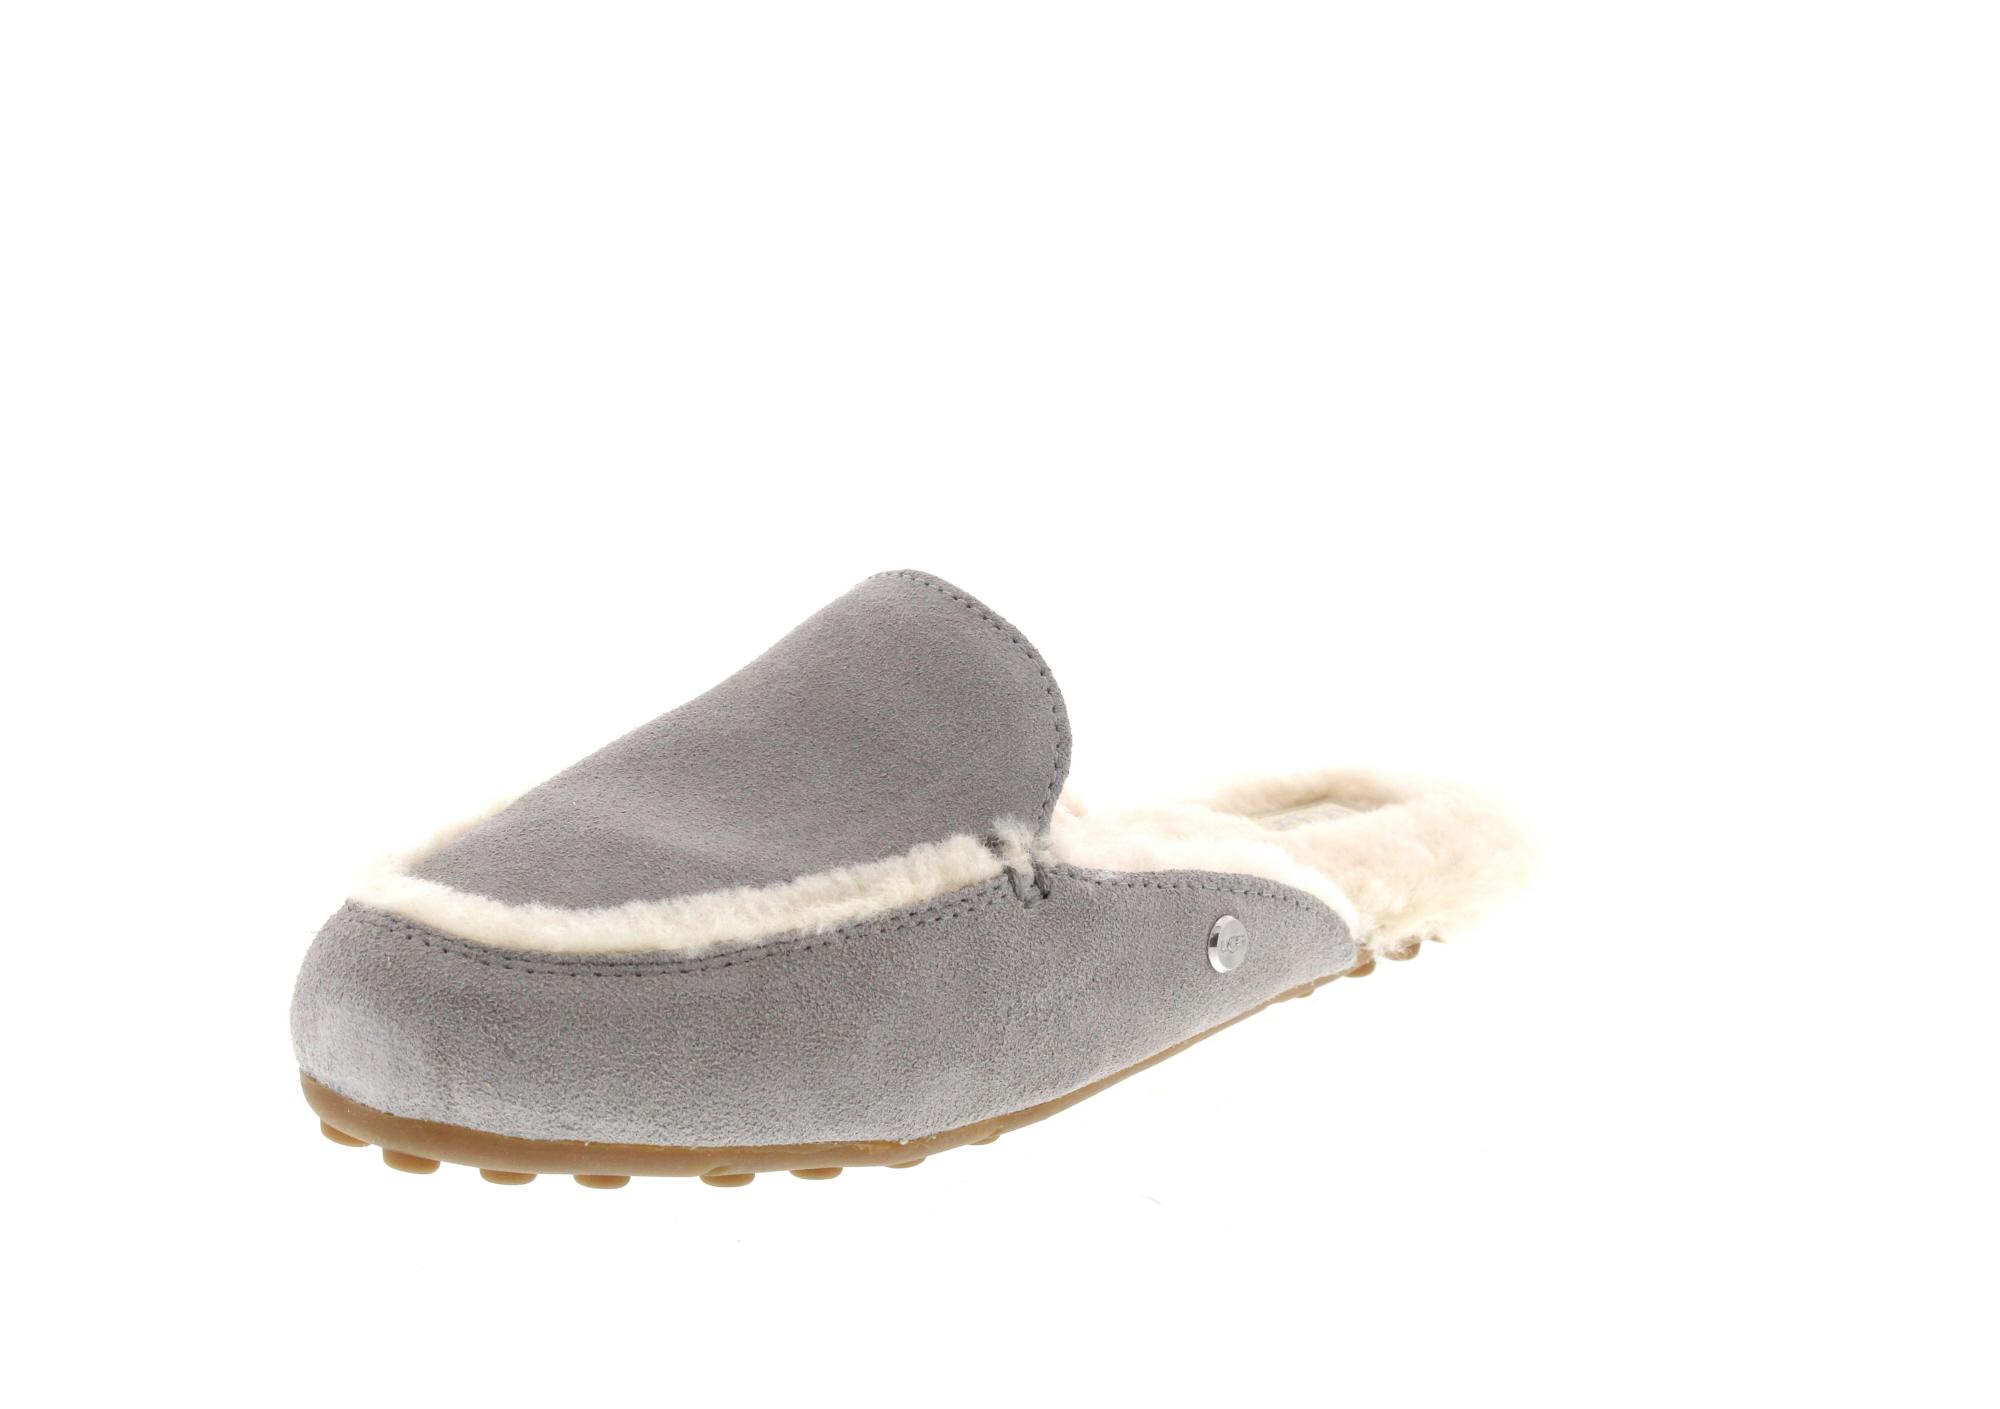 UGG Damenschuhe - Pantoletten LANE 1020027 - seal_0